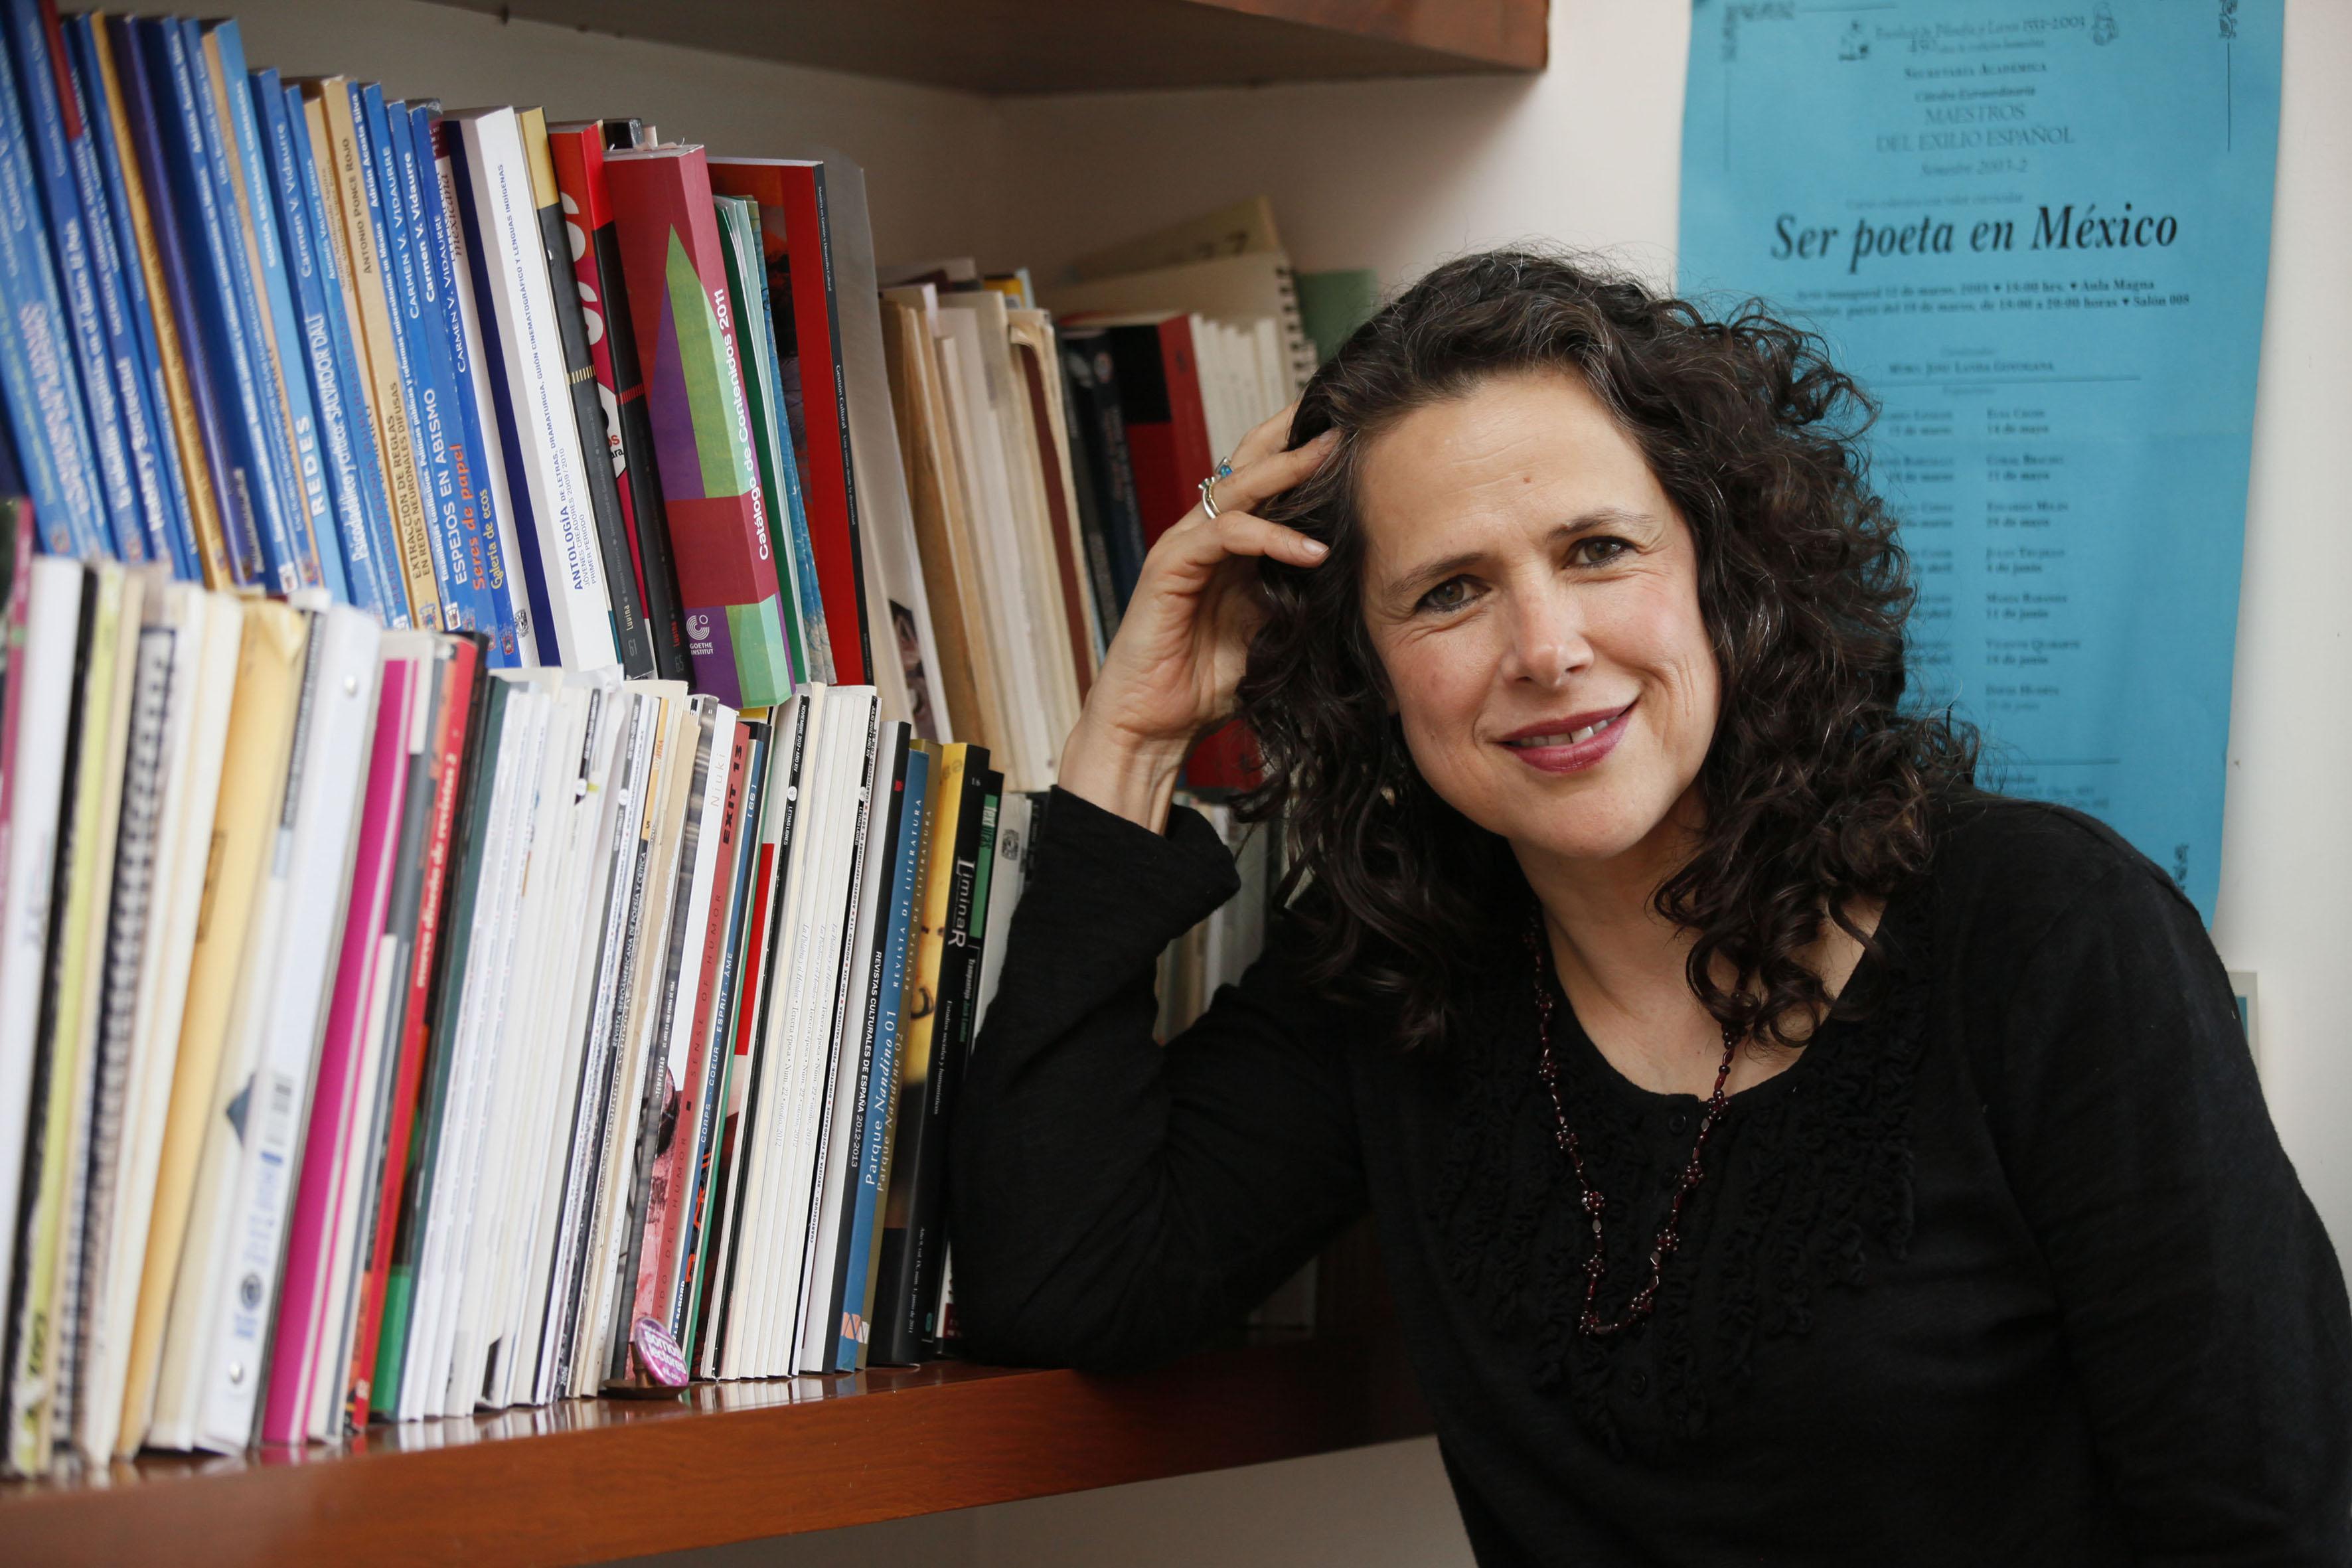 La directora, de Luvina la maestra Silvia Eugenia Castillero